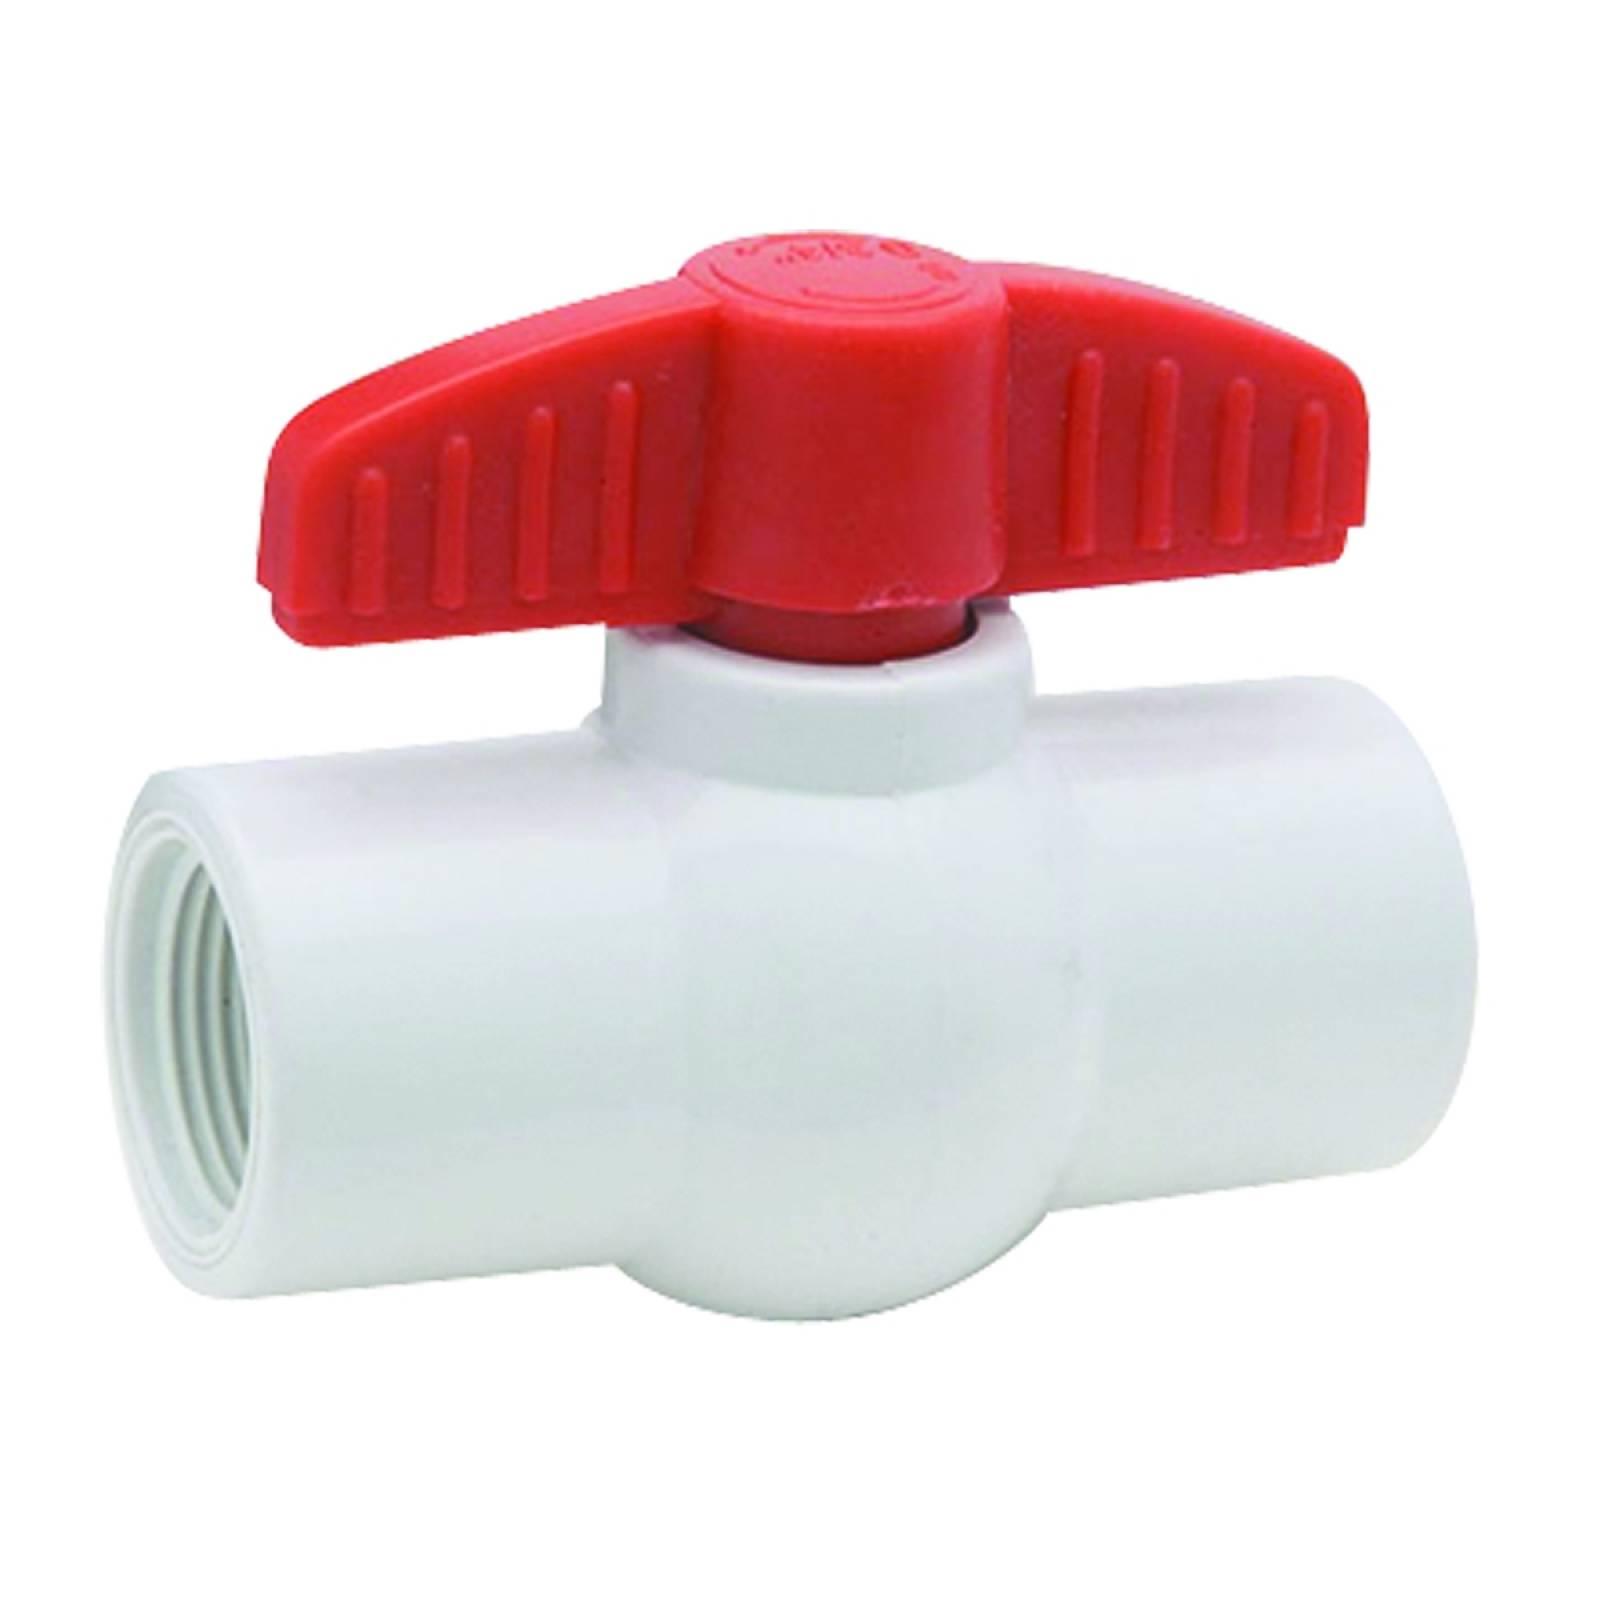 Válvula de esfera en PVC roscable 1/2in 4570.13 DICA